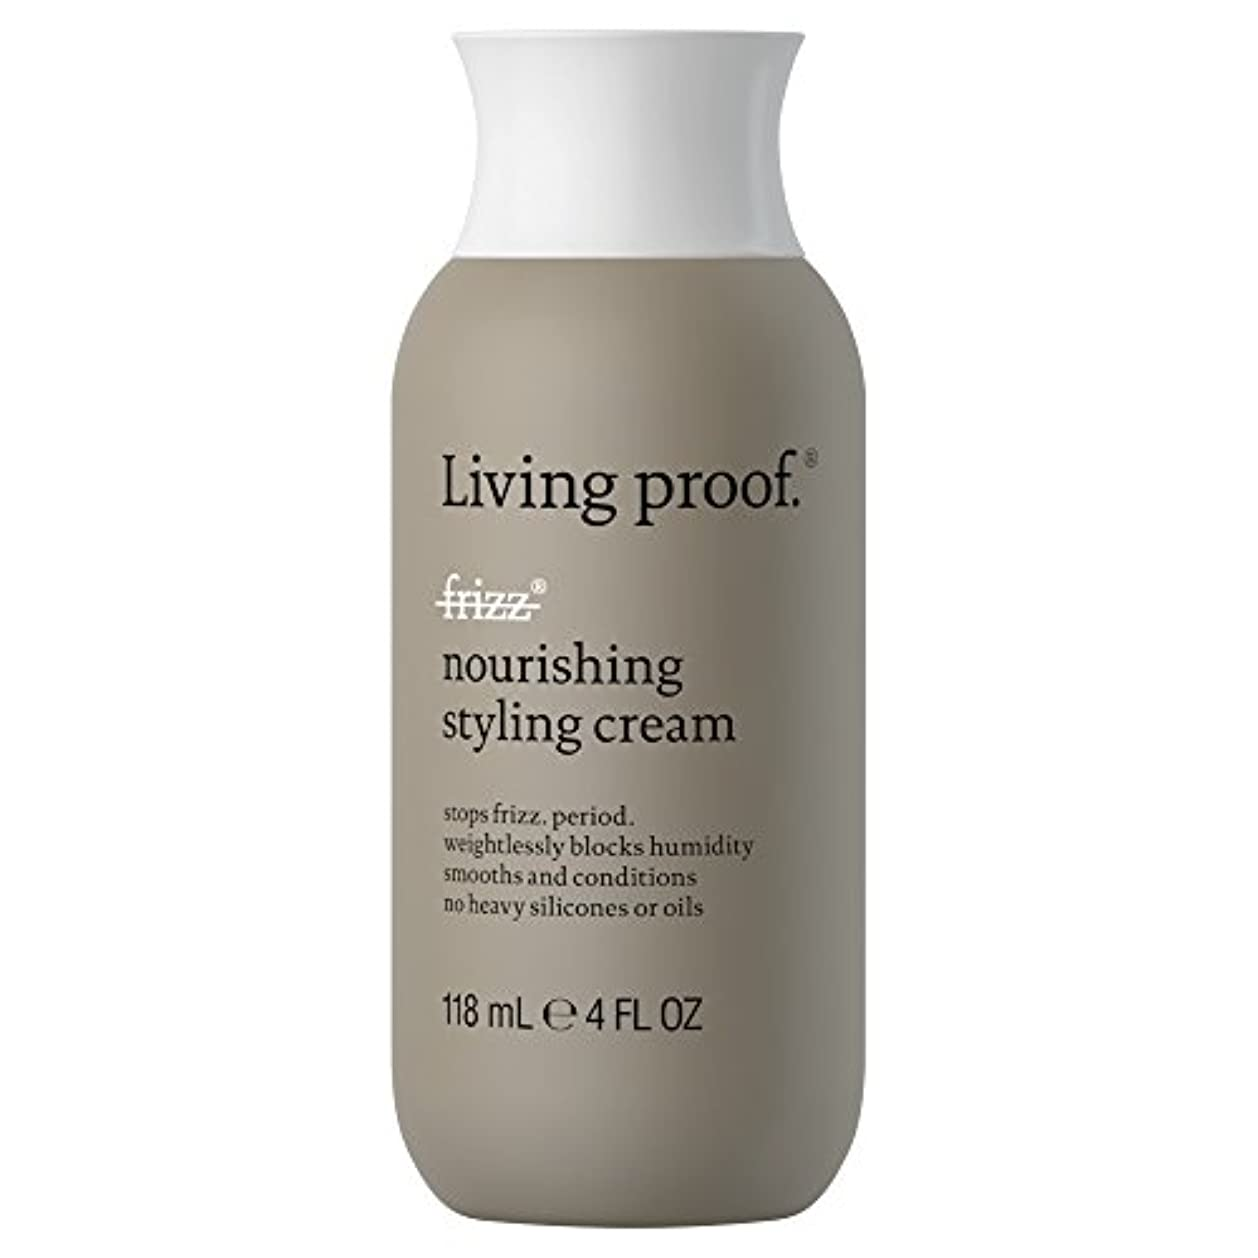 櫛ようこそ子豚生きている証拠なし縮れ栄養スタイリングクリーム118ミリリットル (Living Proof) - Living Proof No Frizz Nourishing Styling Cream 118ml [並行輸入品]